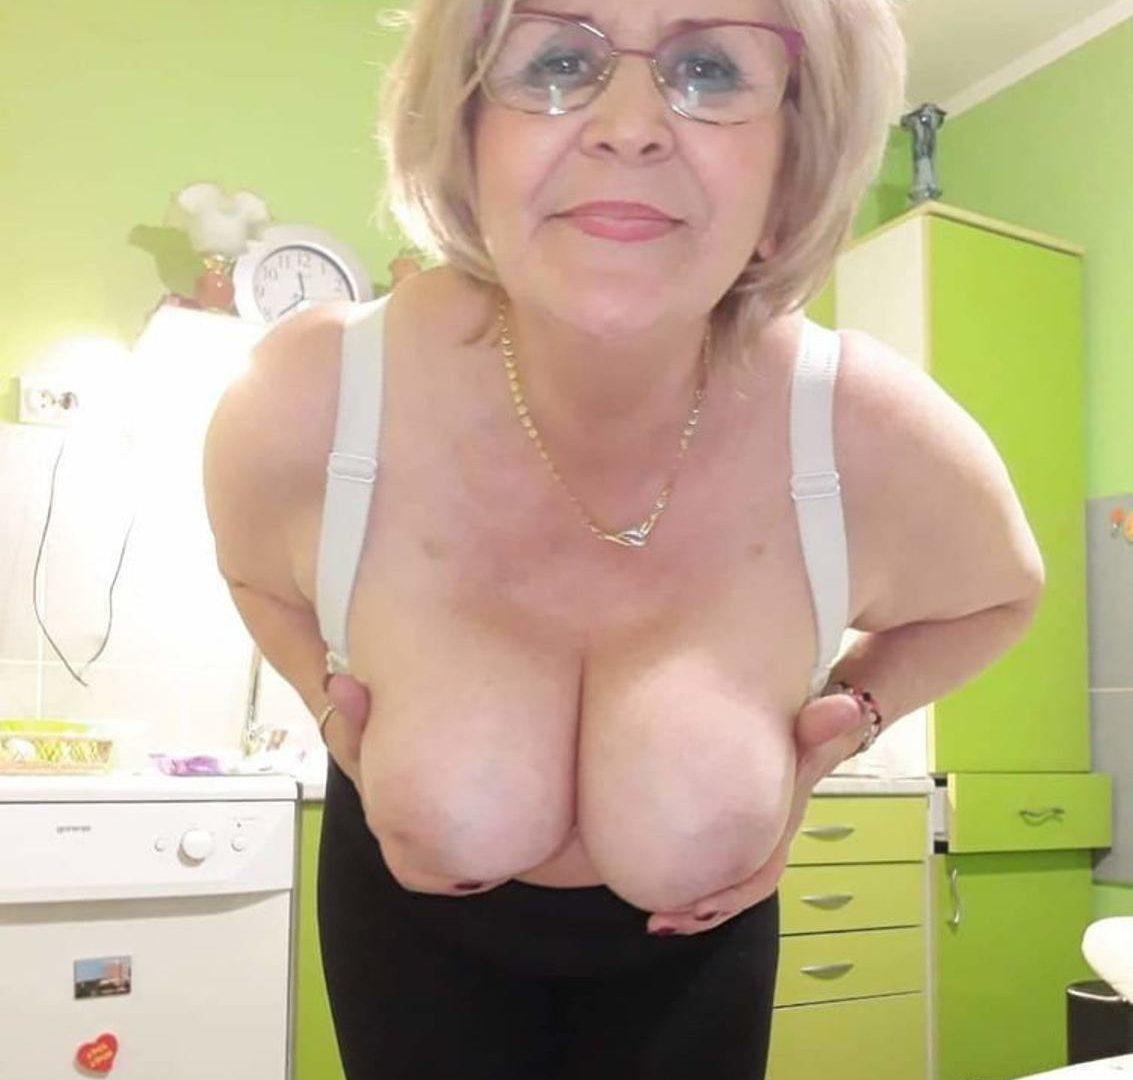 Babcia nago pokazuje duże cycki. Sexy staruszka bez stanika eksponuje obfity biust